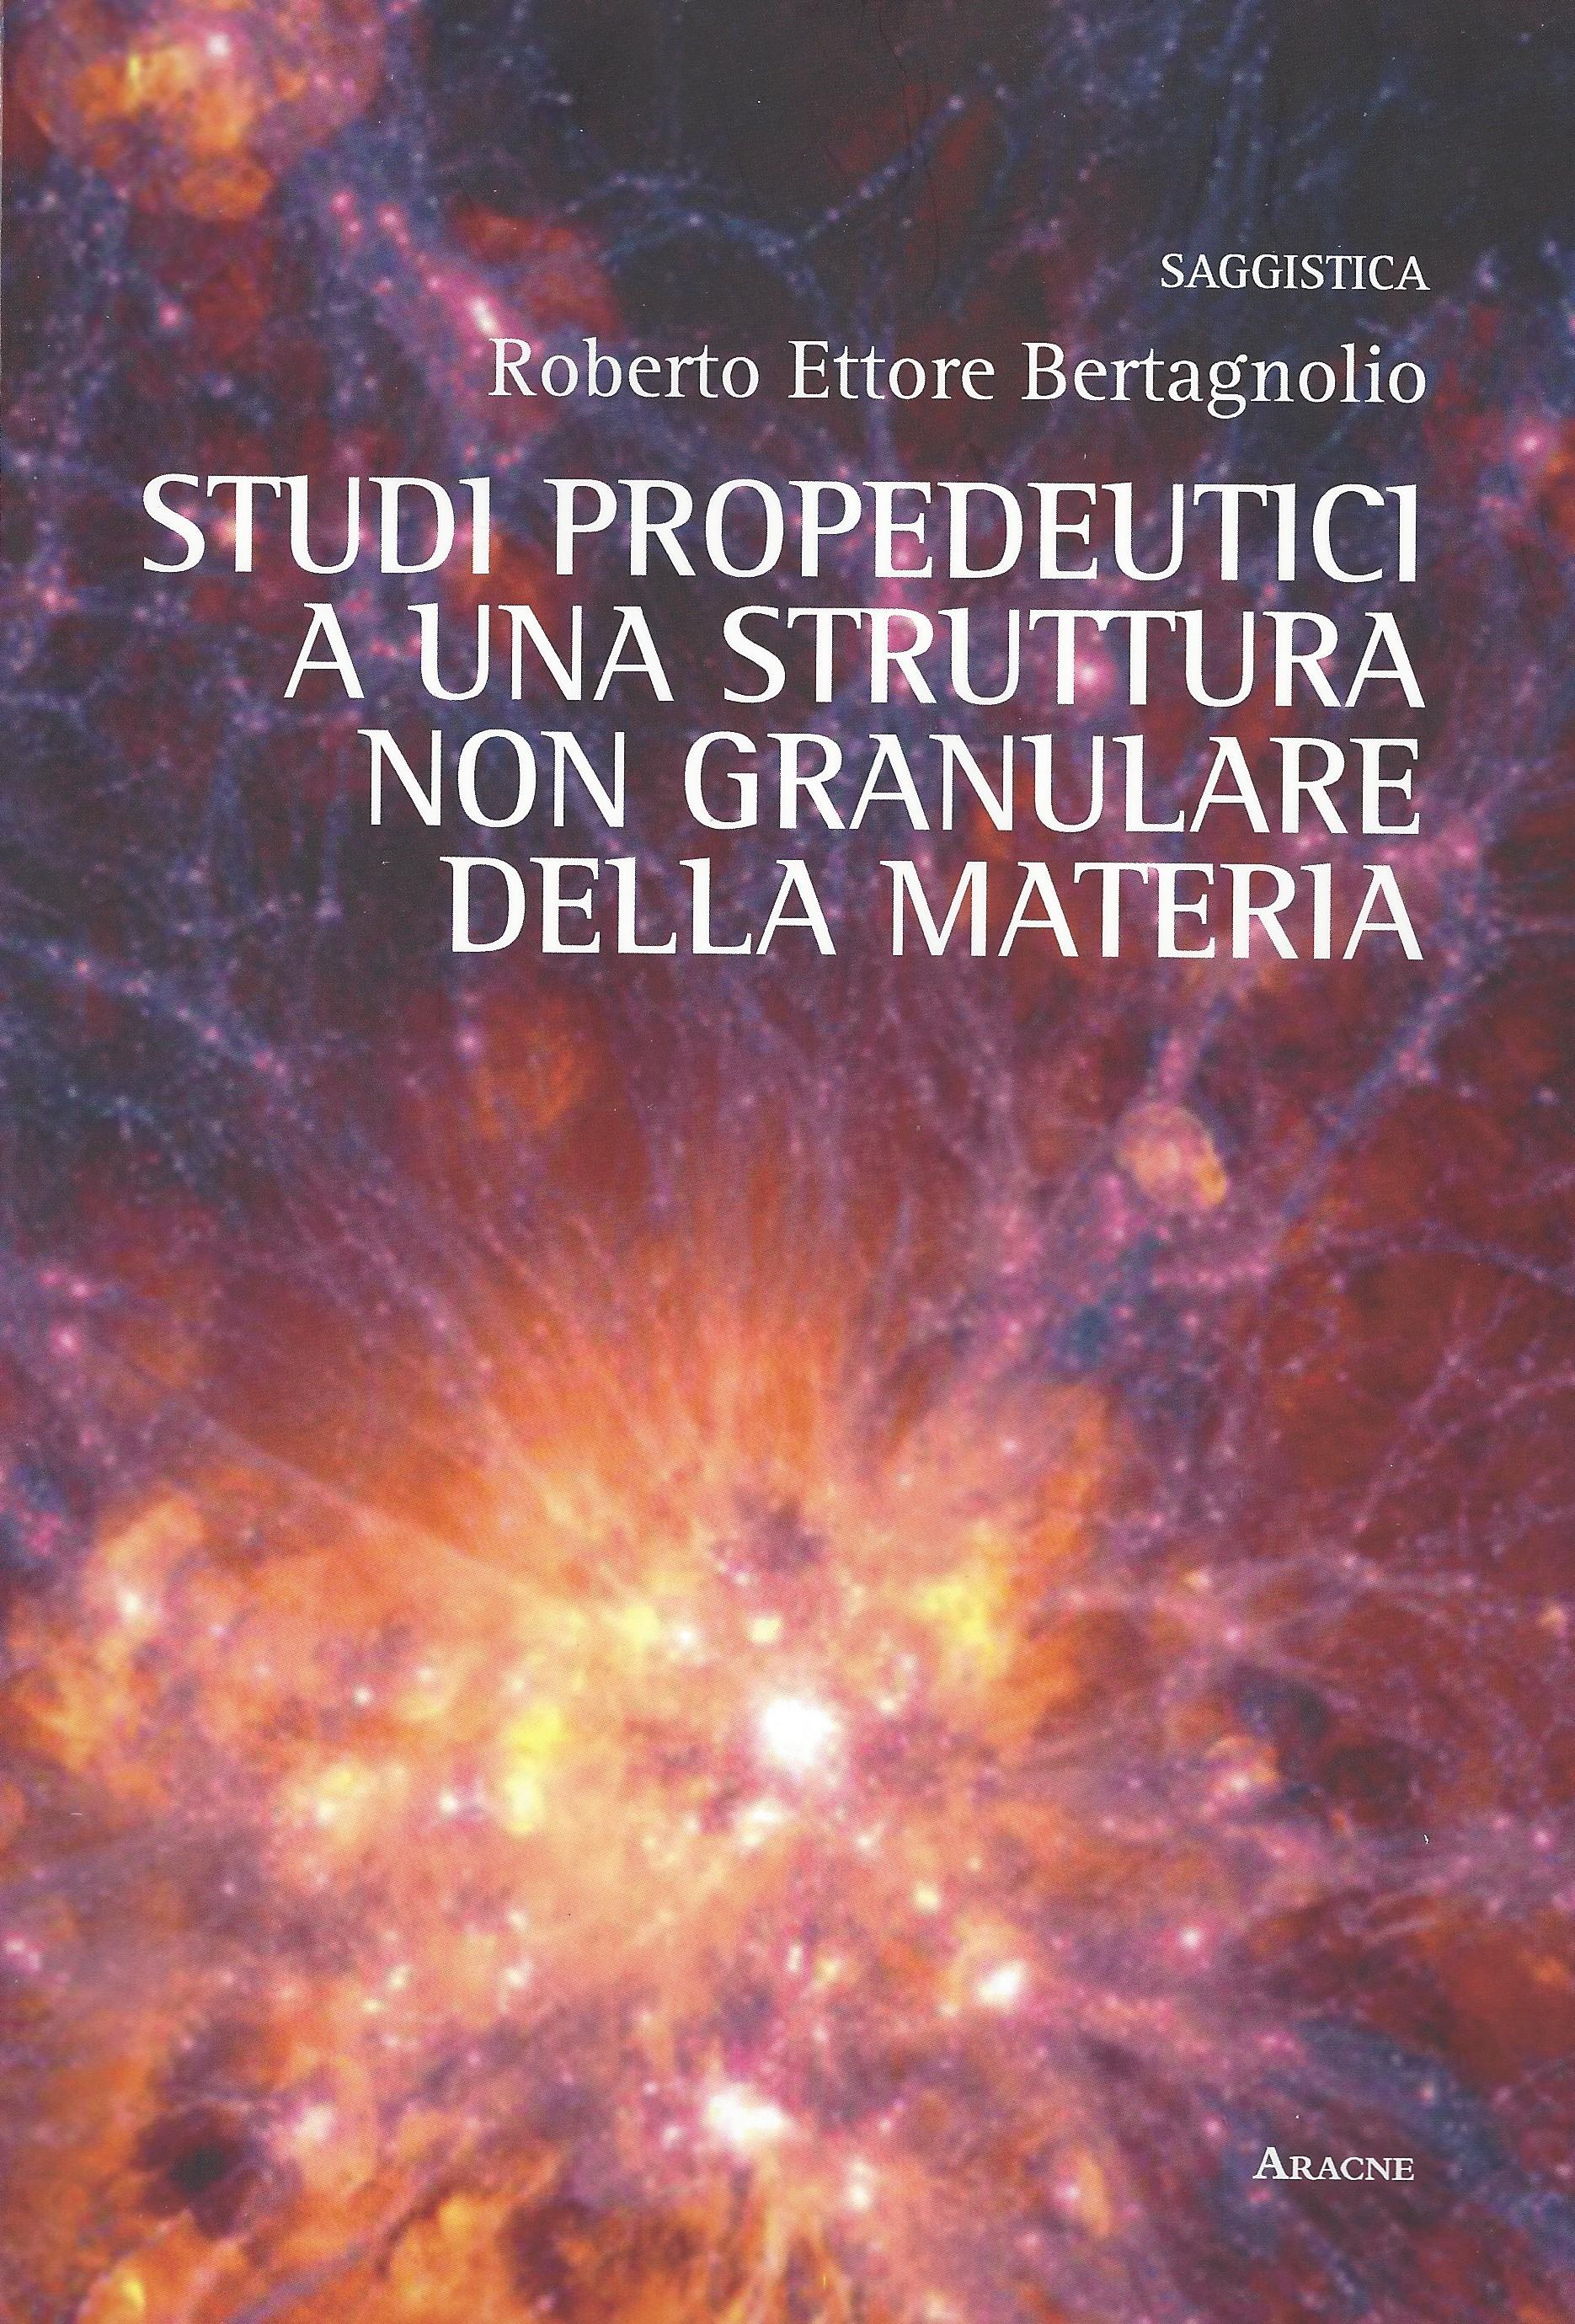 Studi propedeutici a una struttura non granulare della materia